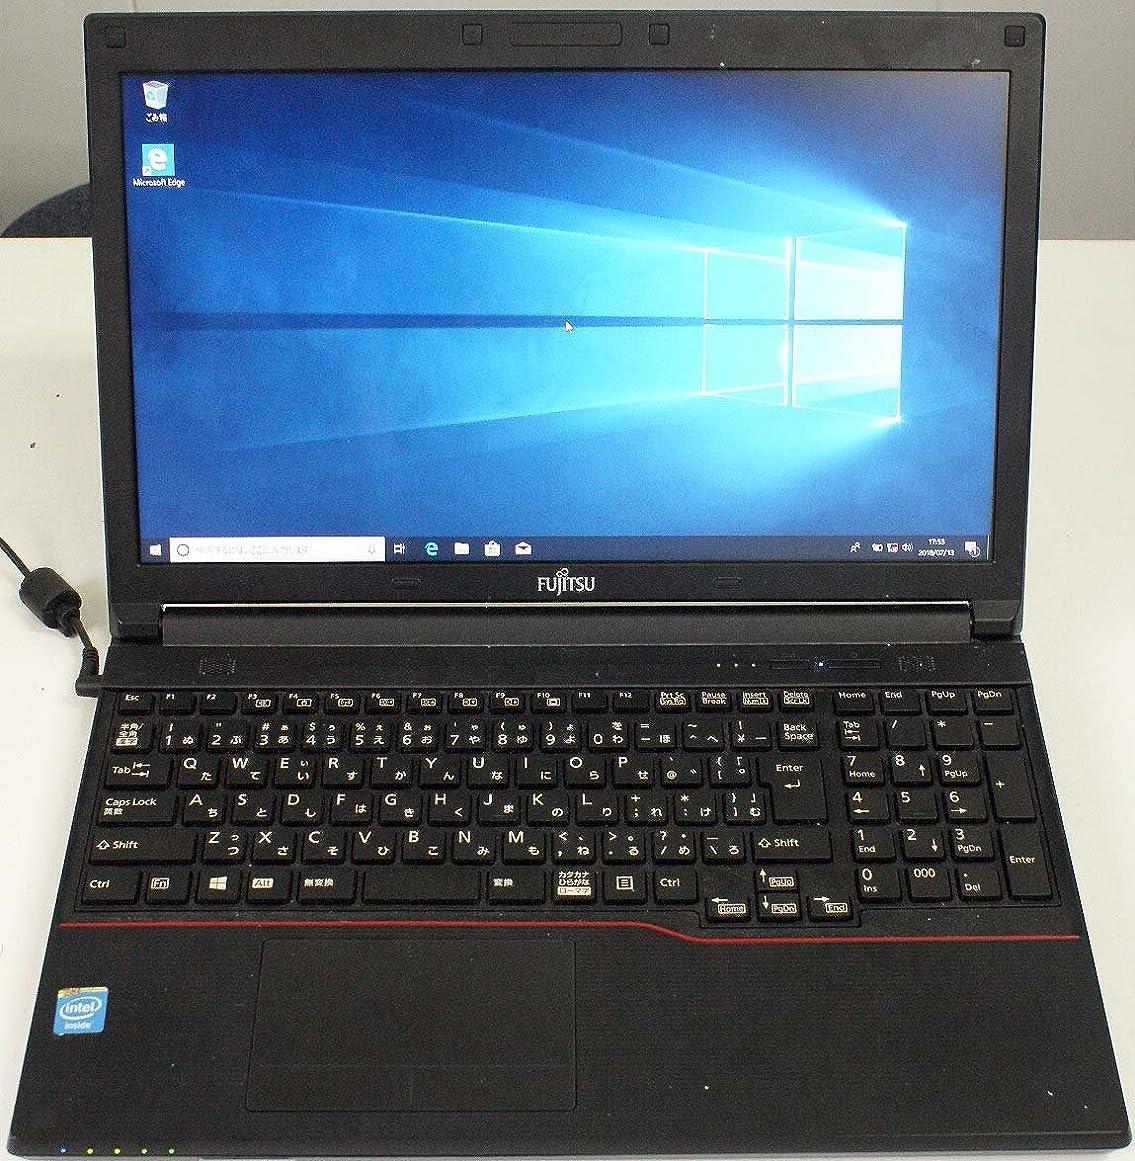 ロマンチック感心するスマートLIFEBOOK A553/G FMVA0300B Celeron B730(1.80G) RAM4G HDD320G DVDマルチ USB2.0 HD液晶(1366x768) Win10Pro(64bit) Wifi(USB) WPSオフィス付属